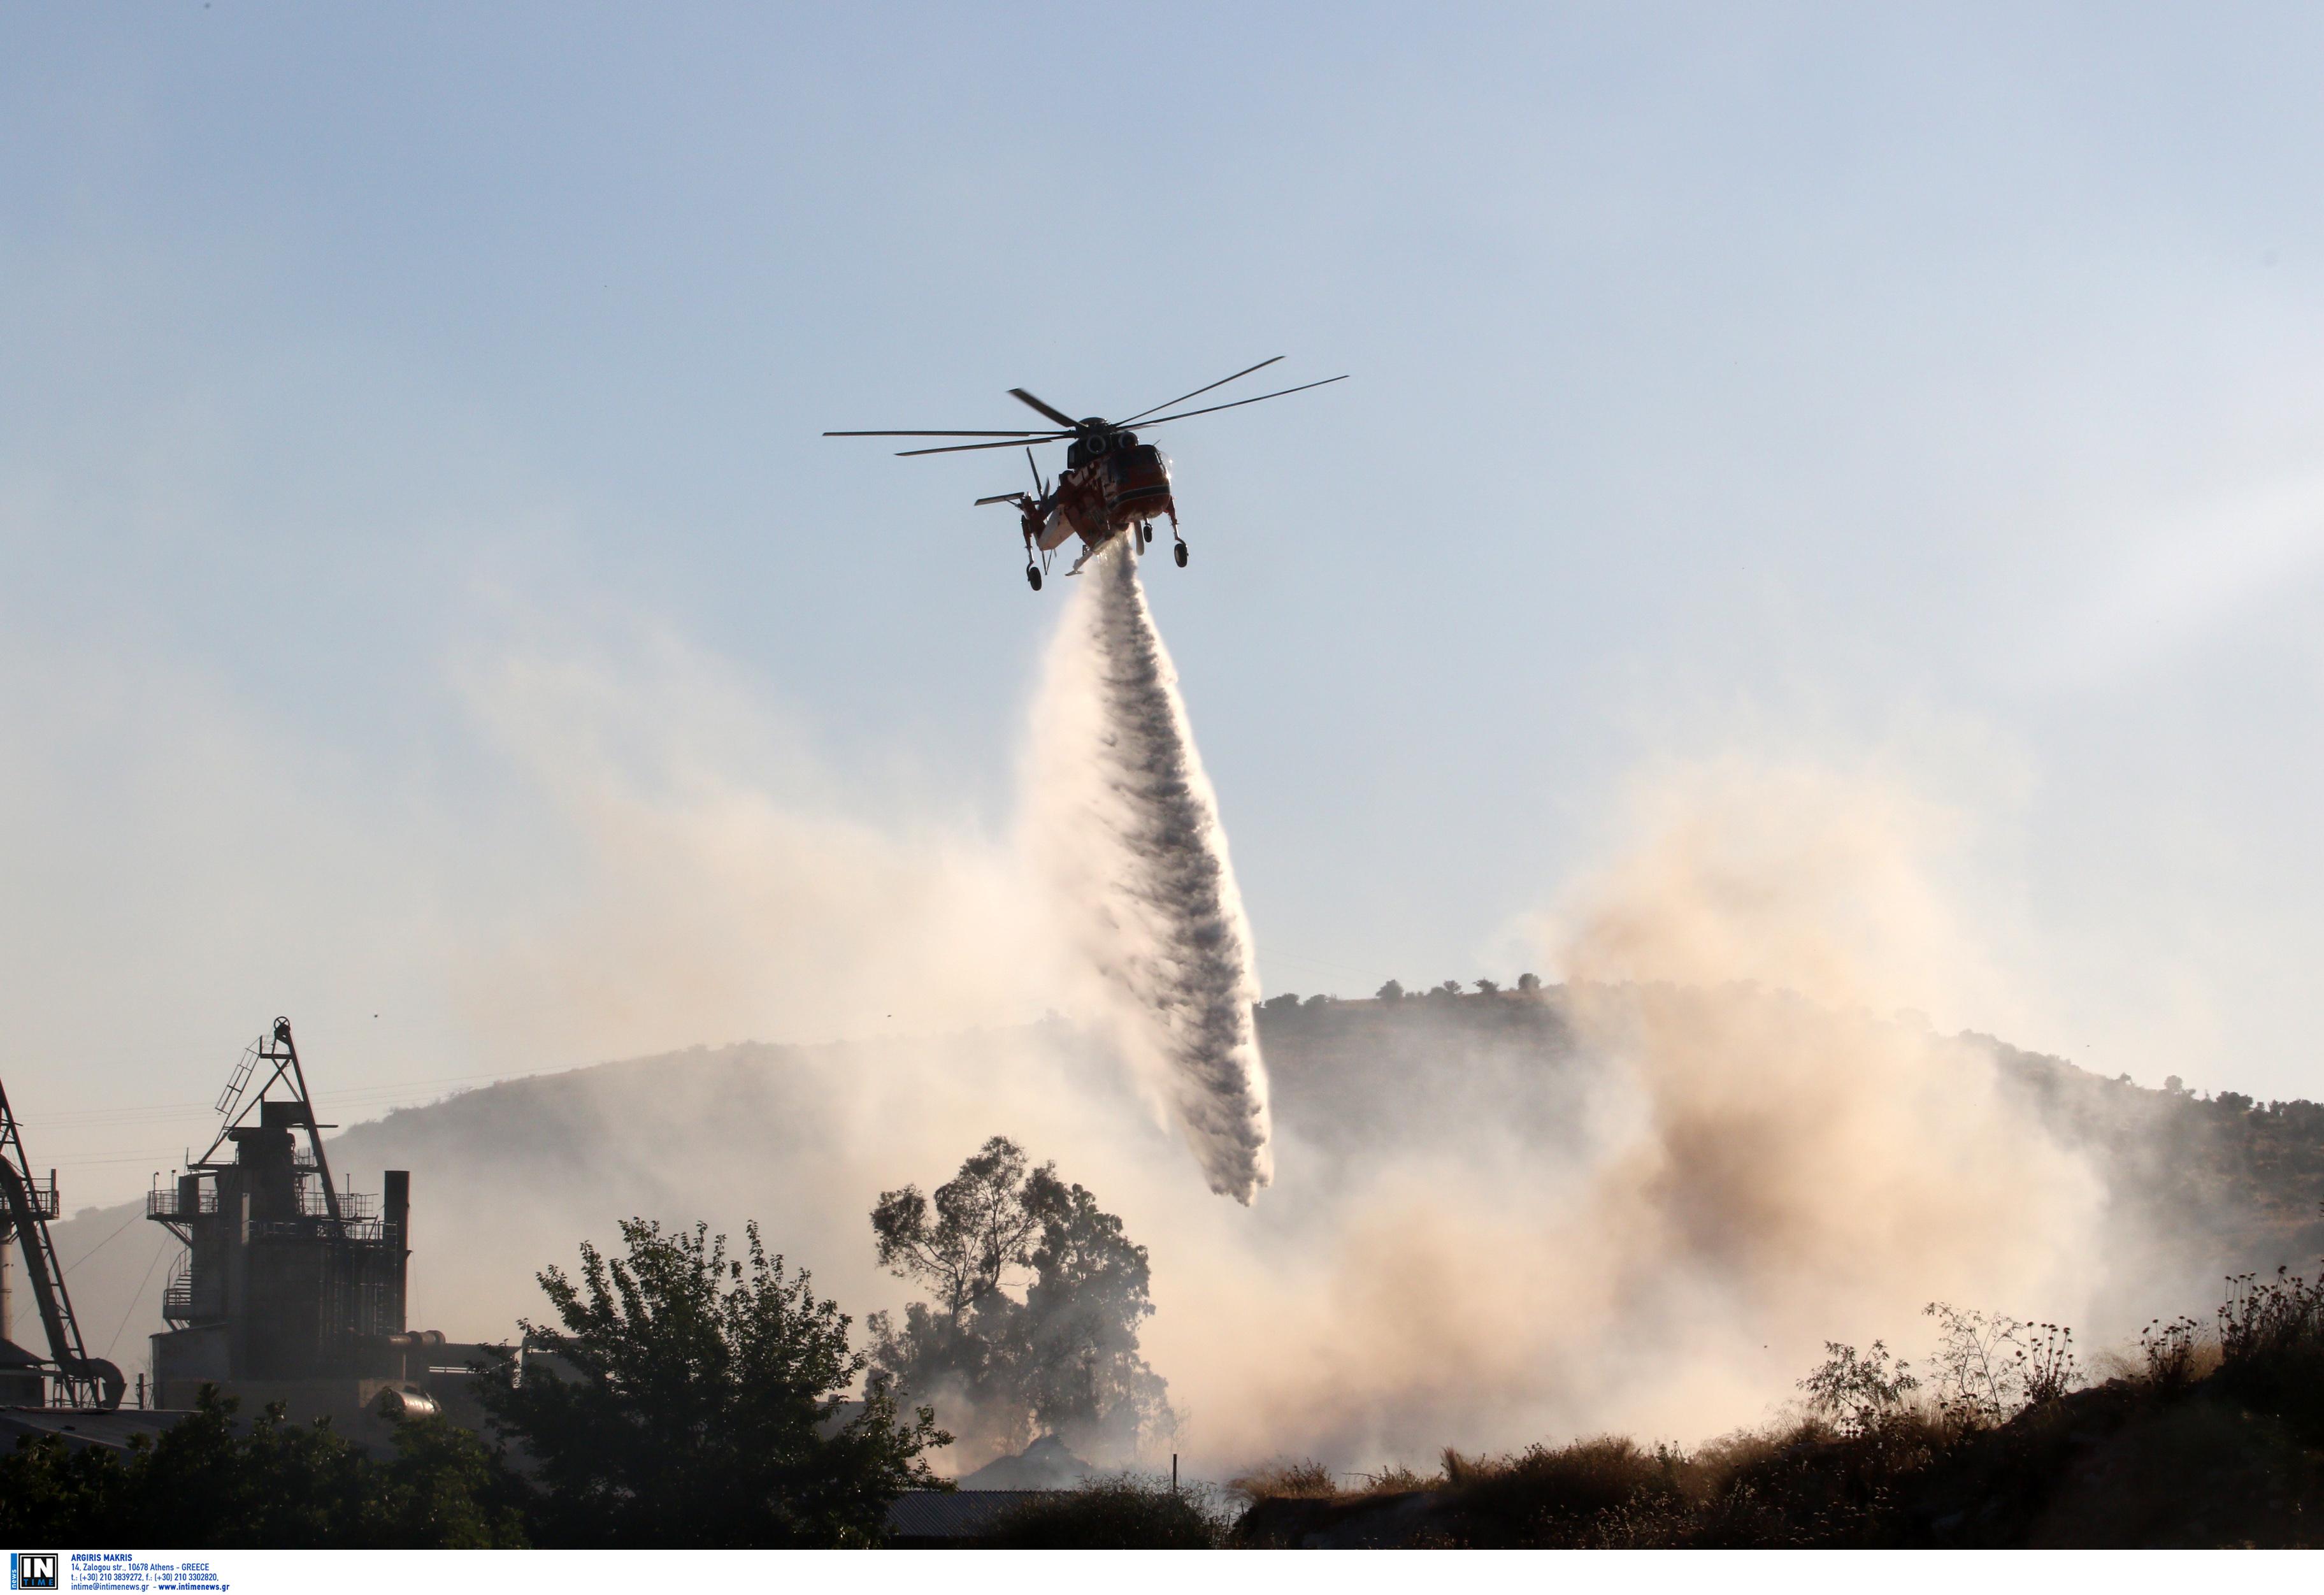 Μεγάλη φωτιά στο Δομοκό – Ενισχύθηκαν οι δυνάμεις της πυροσβεστικής